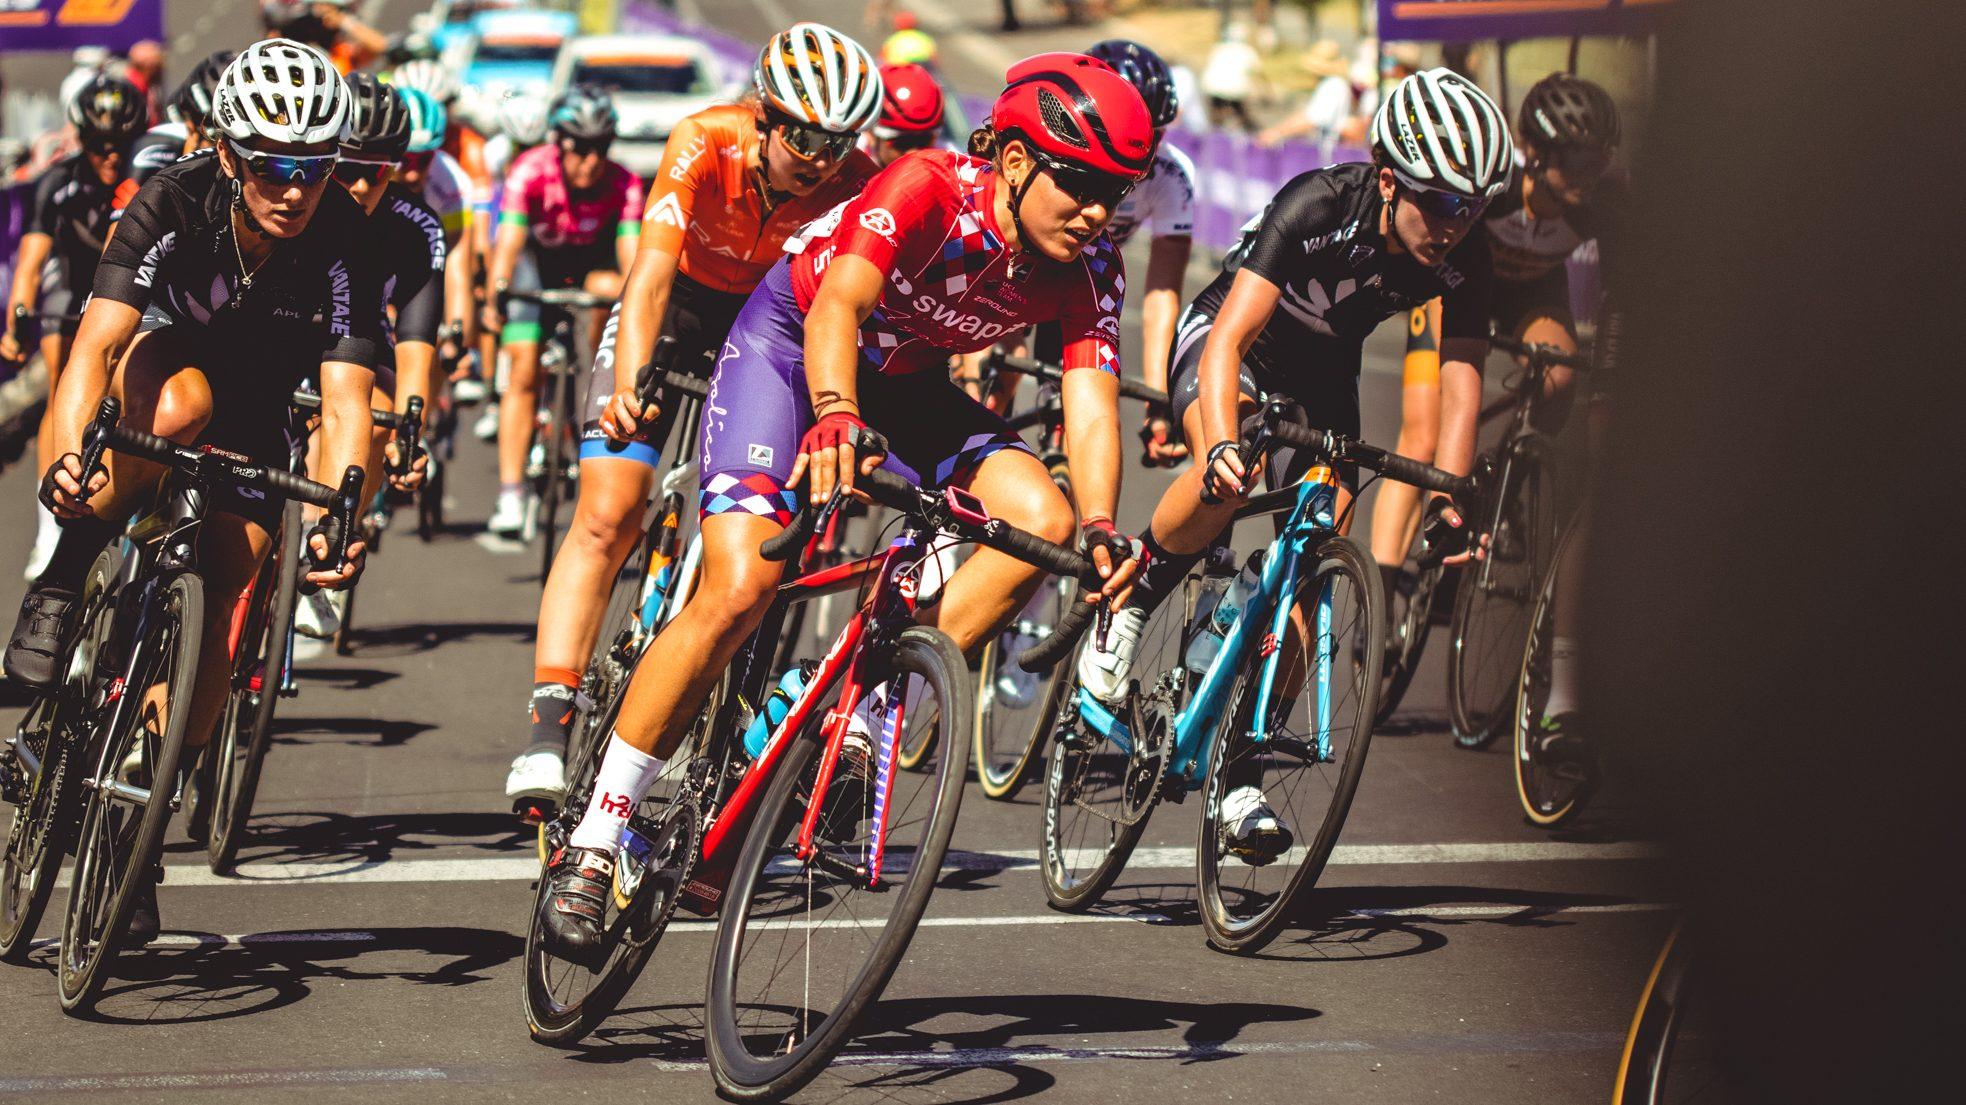 ciclismo y empoderamiento femenino